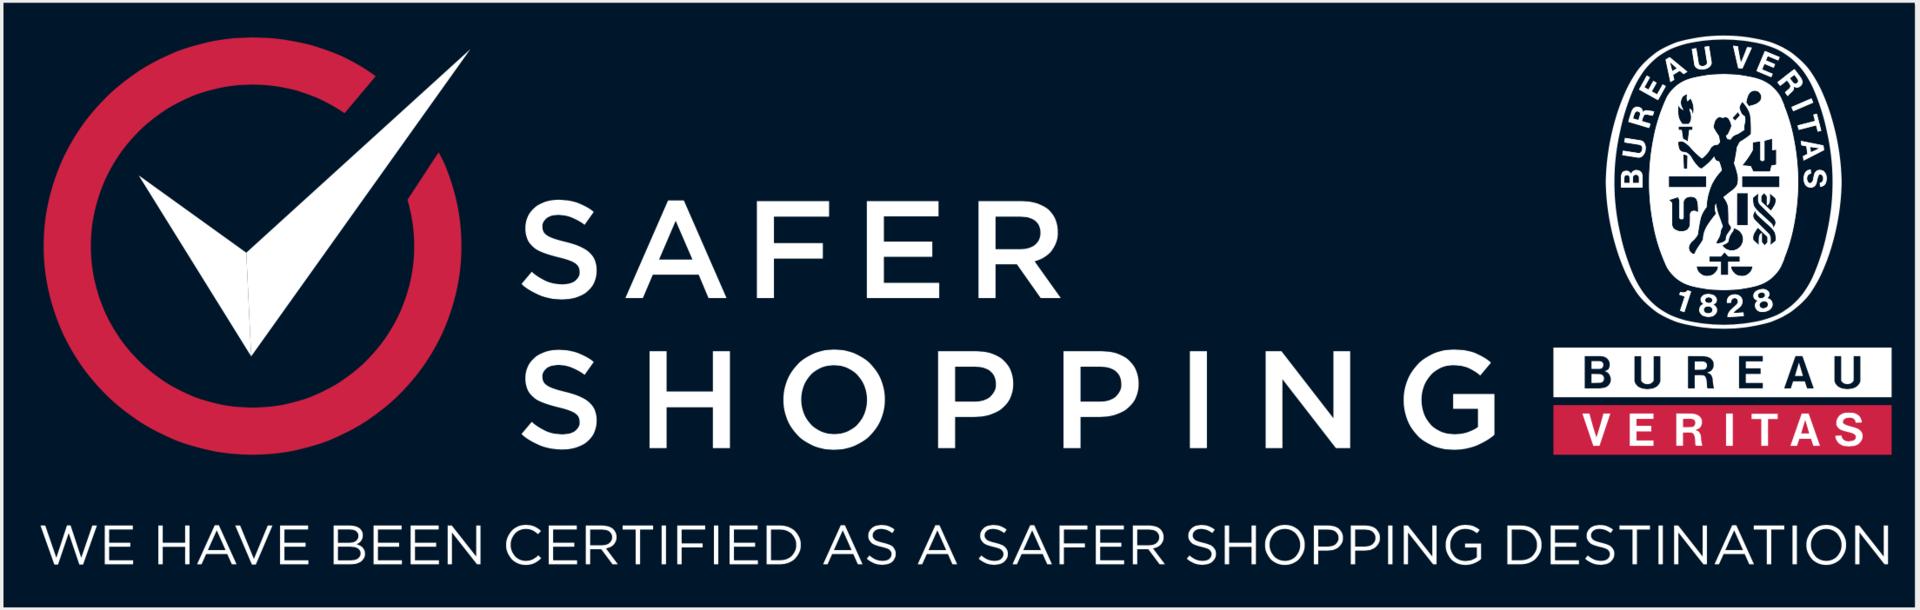 """获必维国际检验集团""""Safer Shopping""""认证,维亚奥特莱斯很放心!"""